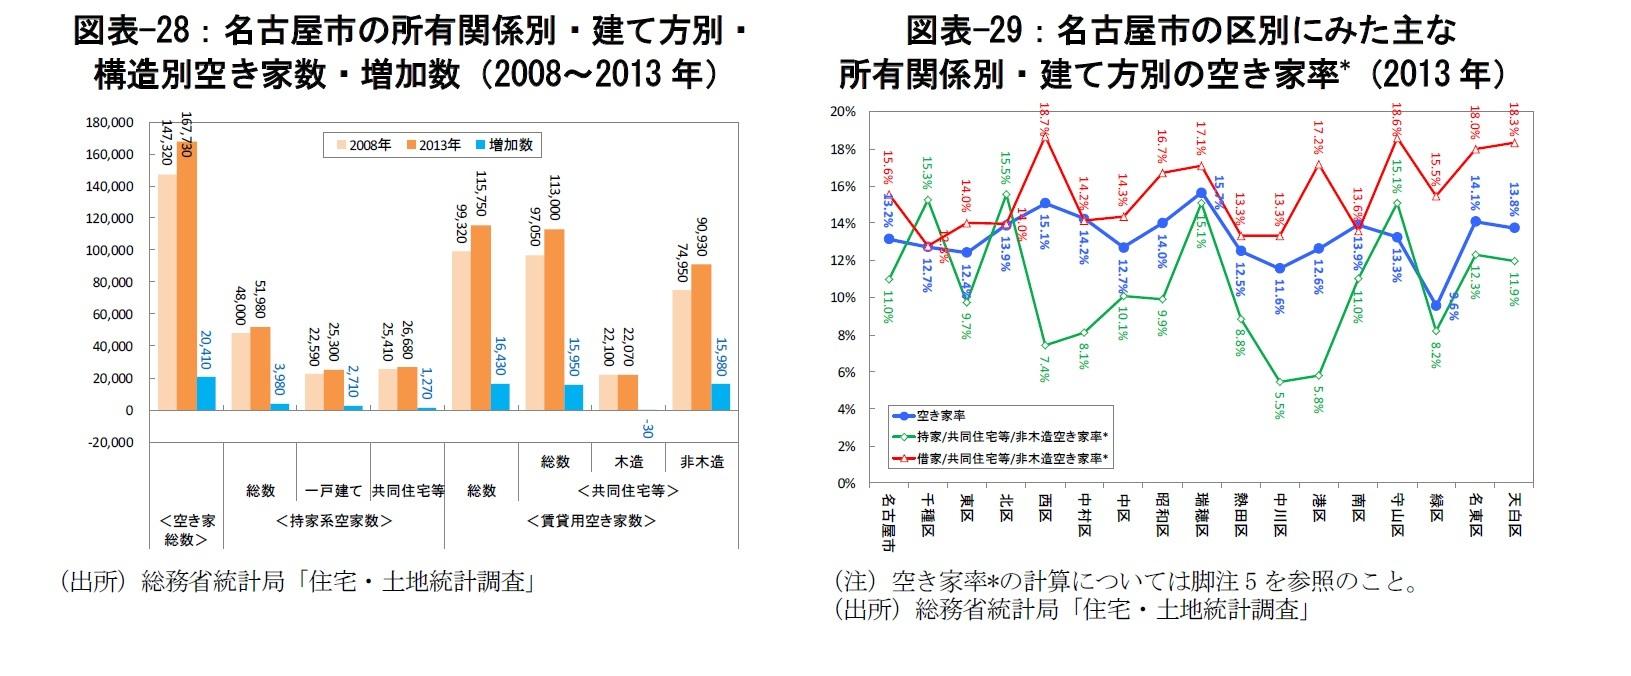 図表-28:名古屋市の所有関係別・建て方別・構造別空き家数・増加数(2008~2013年)/図表-29:名古屋市の区別にみた主な所有関係別・建て方別の空き家率*(2013年)